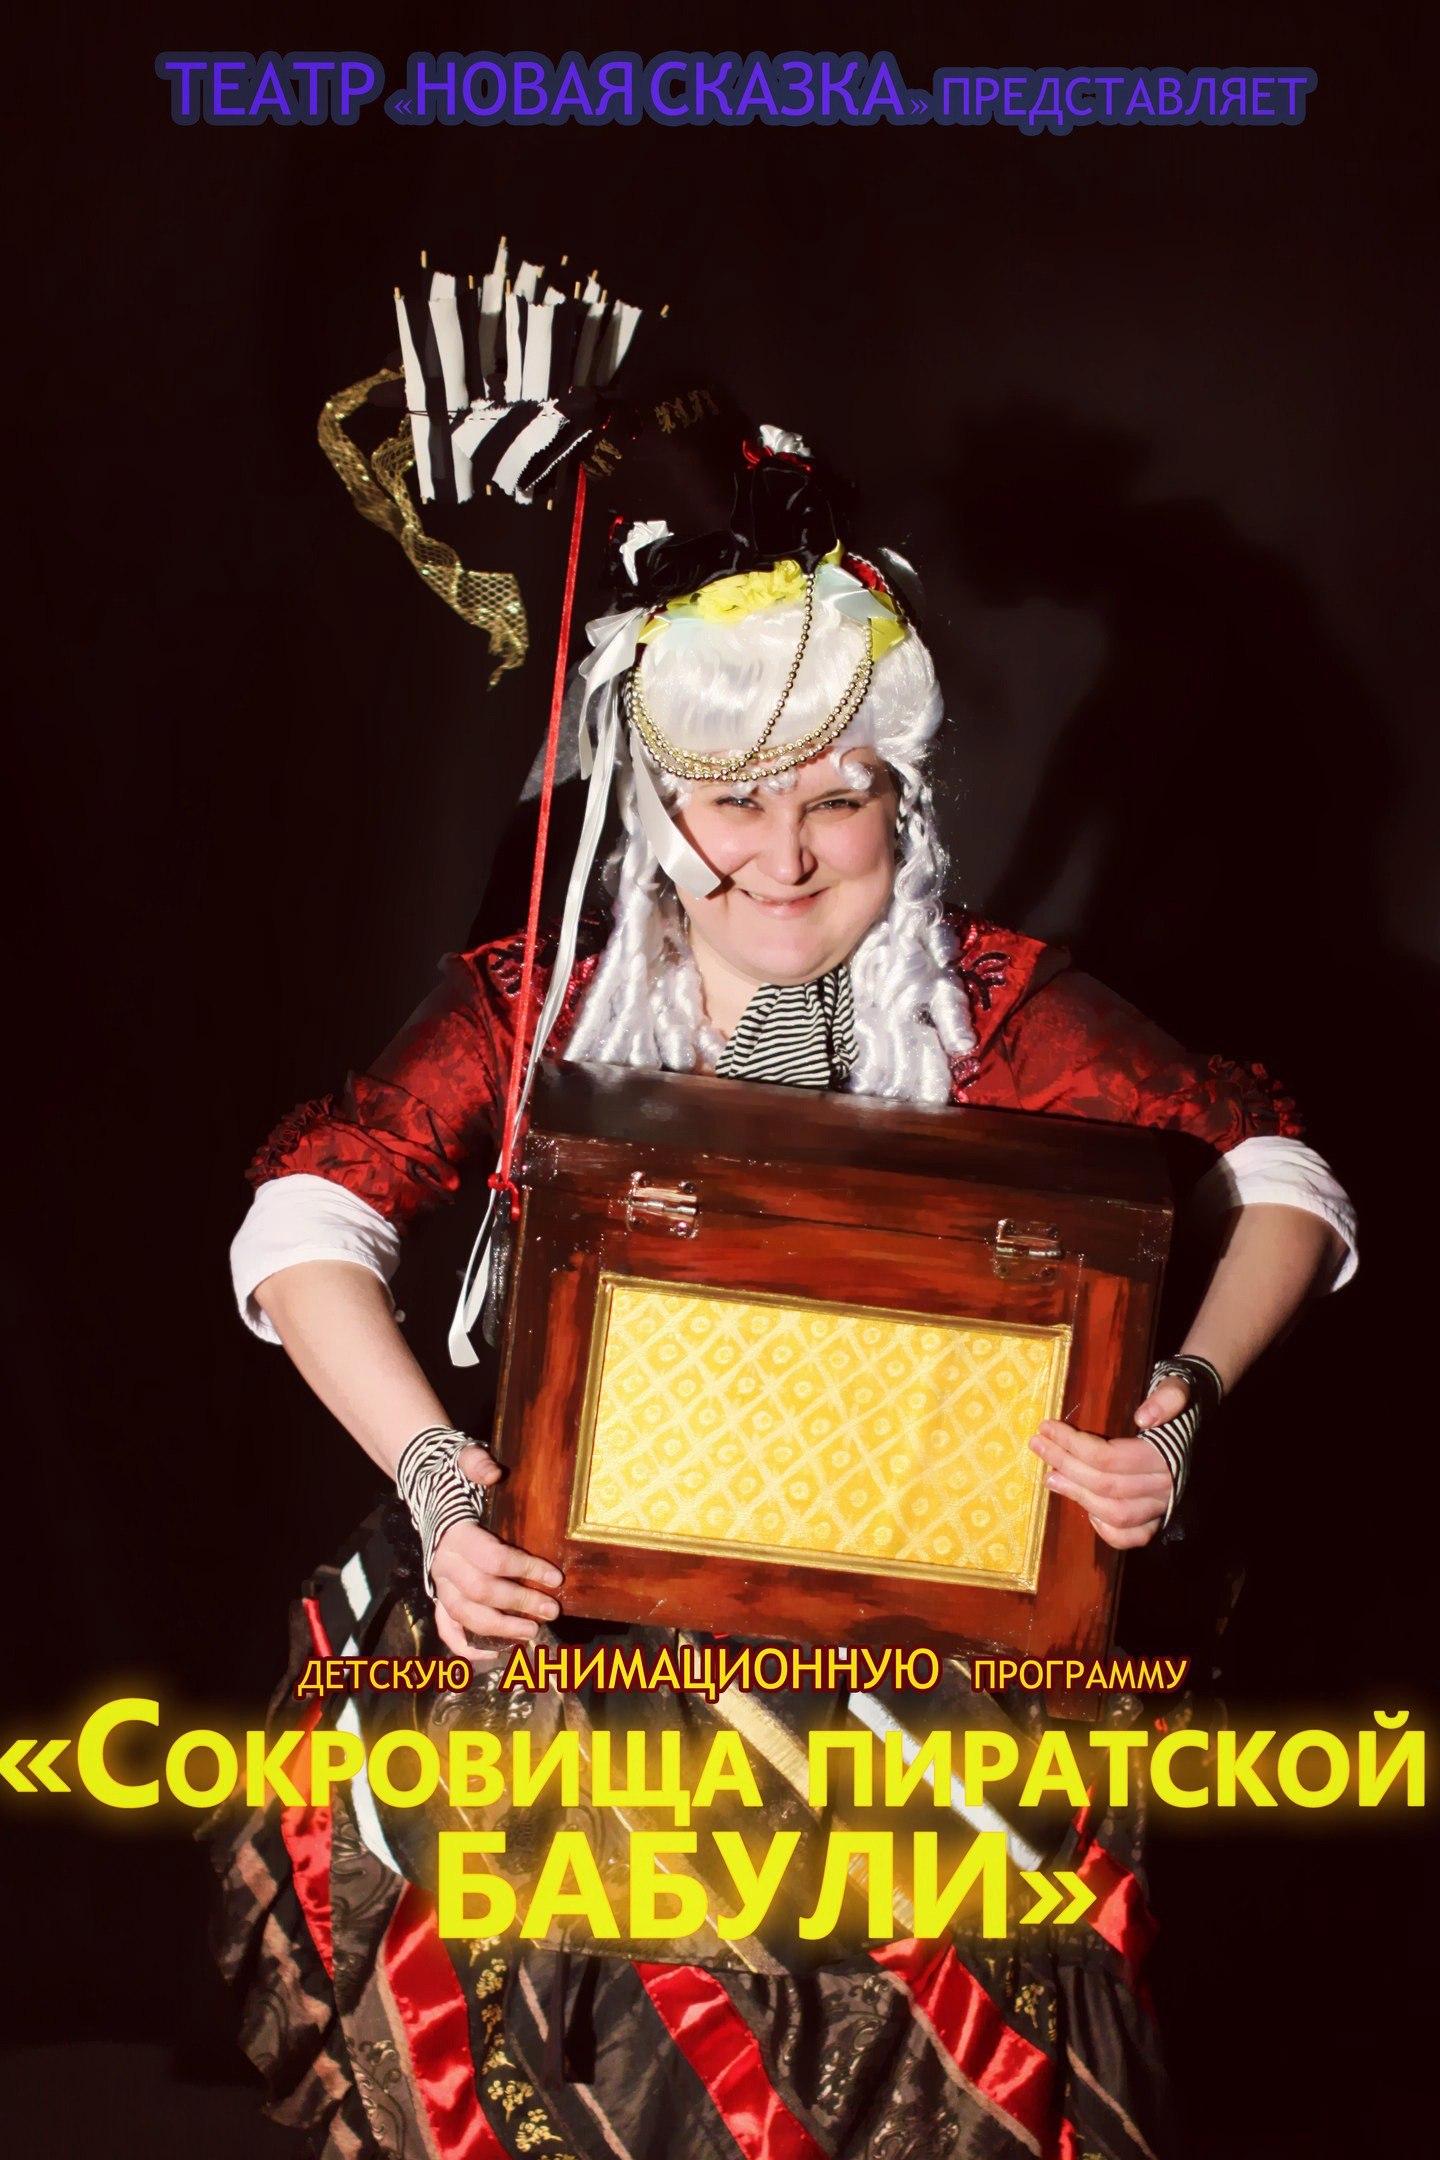 «Сокровище пиратской бабули»